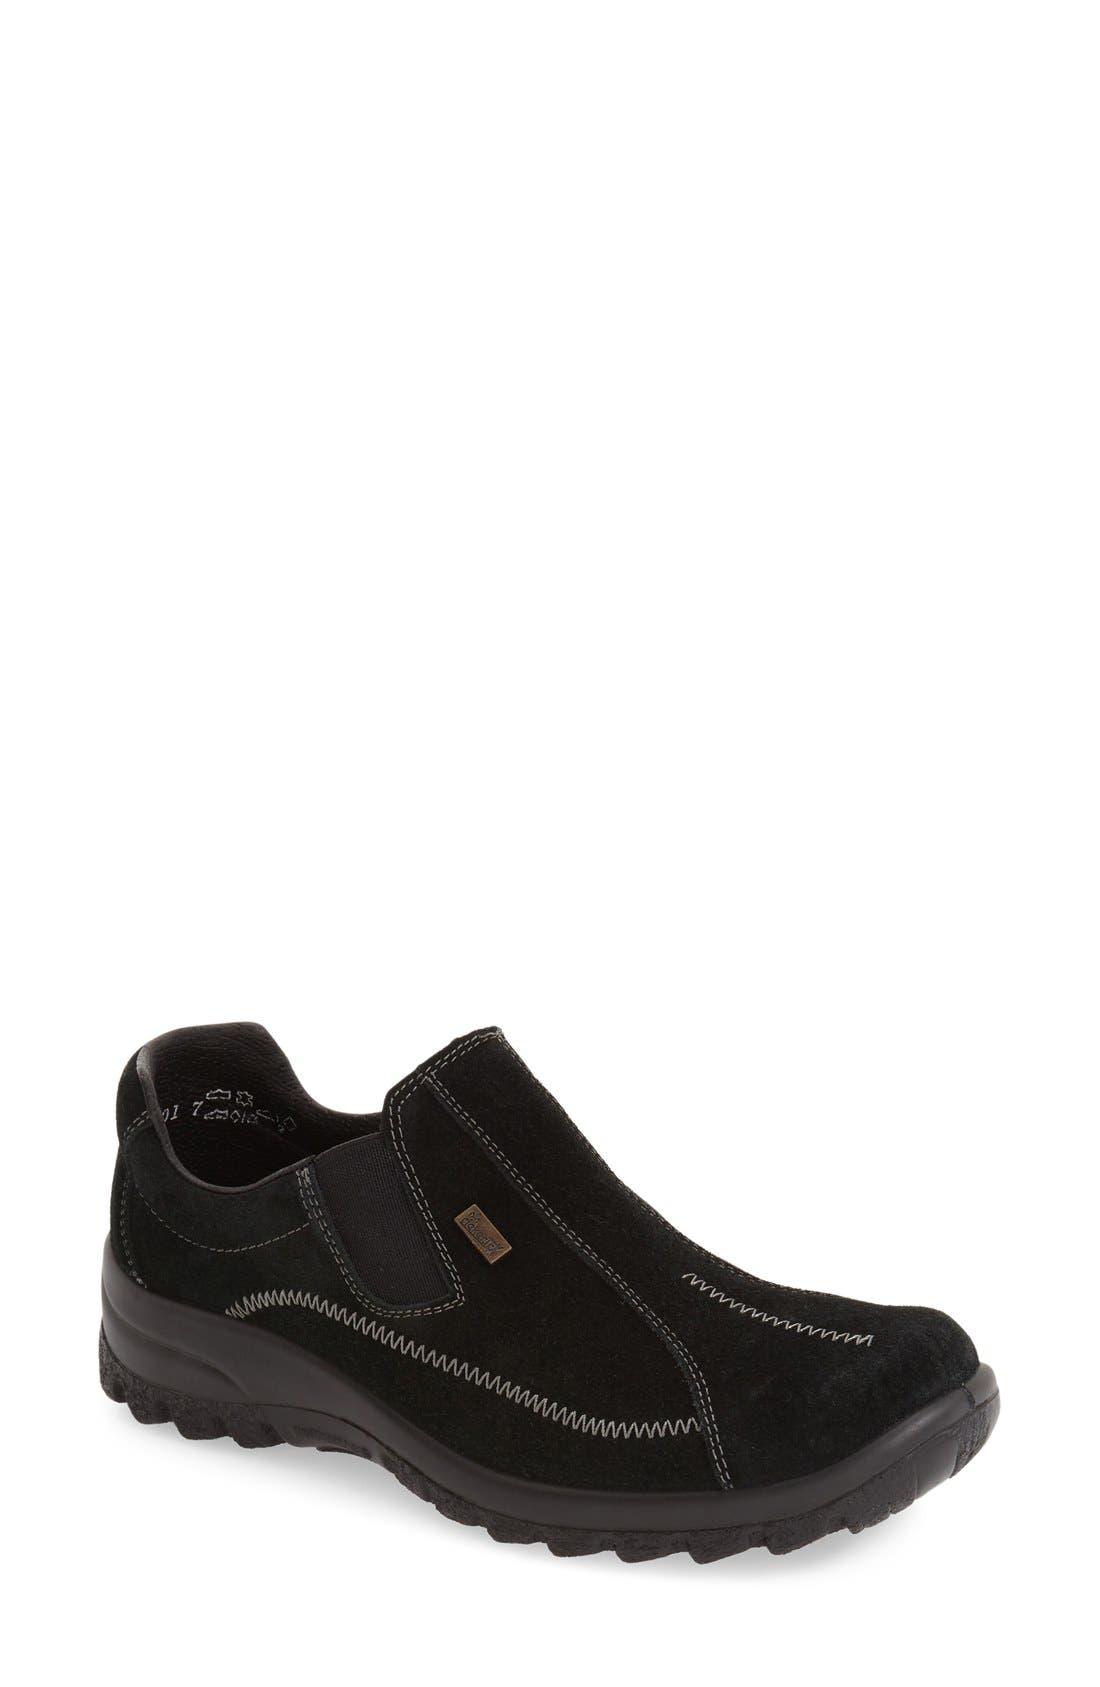 RIEKER ANTISTRESS 'Eike 60' Slip-On Sneaker